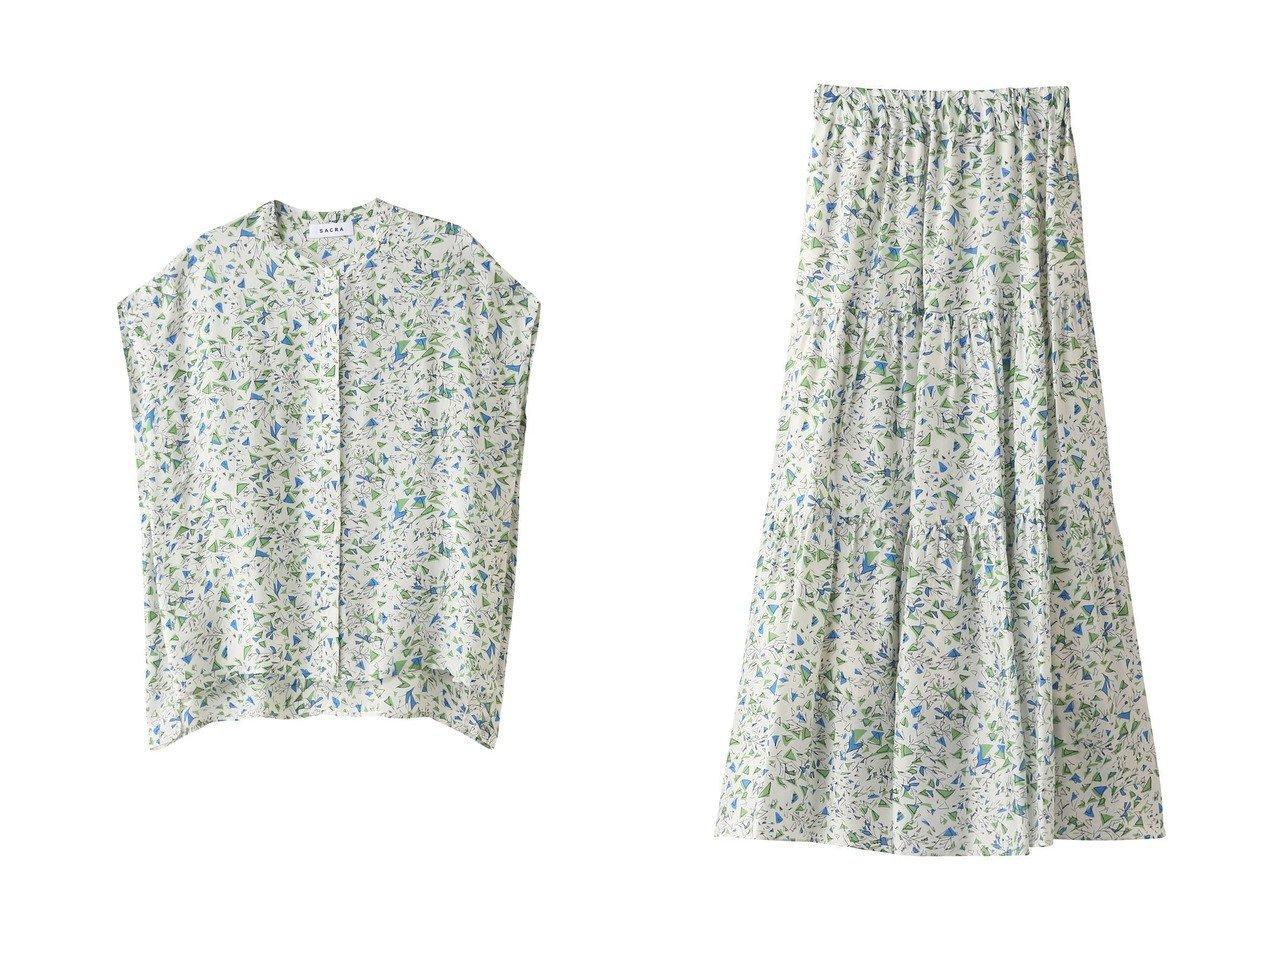 【SACRA/サクラ】のドローイングプリントティアードスカート&ドローイングプリントブラウス SACRAのおすすめ!人気、トレンド・レディースファッションの通販 おすすめで人気の流行・トレンド、ファッションの通販商品 メンズファッション・キッズファッション・インテリア・家具・レディースファッション・服の通販 founy(ファニー) https://founy.com/ ファッション Fashion レディースファッション WOMEN トップス Tops Tshirt シャツ/ブラウス Shirts Blouses スカート Skirt ティアードスカート Tiered Skirts ロングスカート Long Skirt 2021年 2021 2021 春夏 S/S SS Spring/Summer 2021 S/S 春夏 SS Spring/Summer ショート スリーブ プリント 春 Spring |ID:crp329100000019063